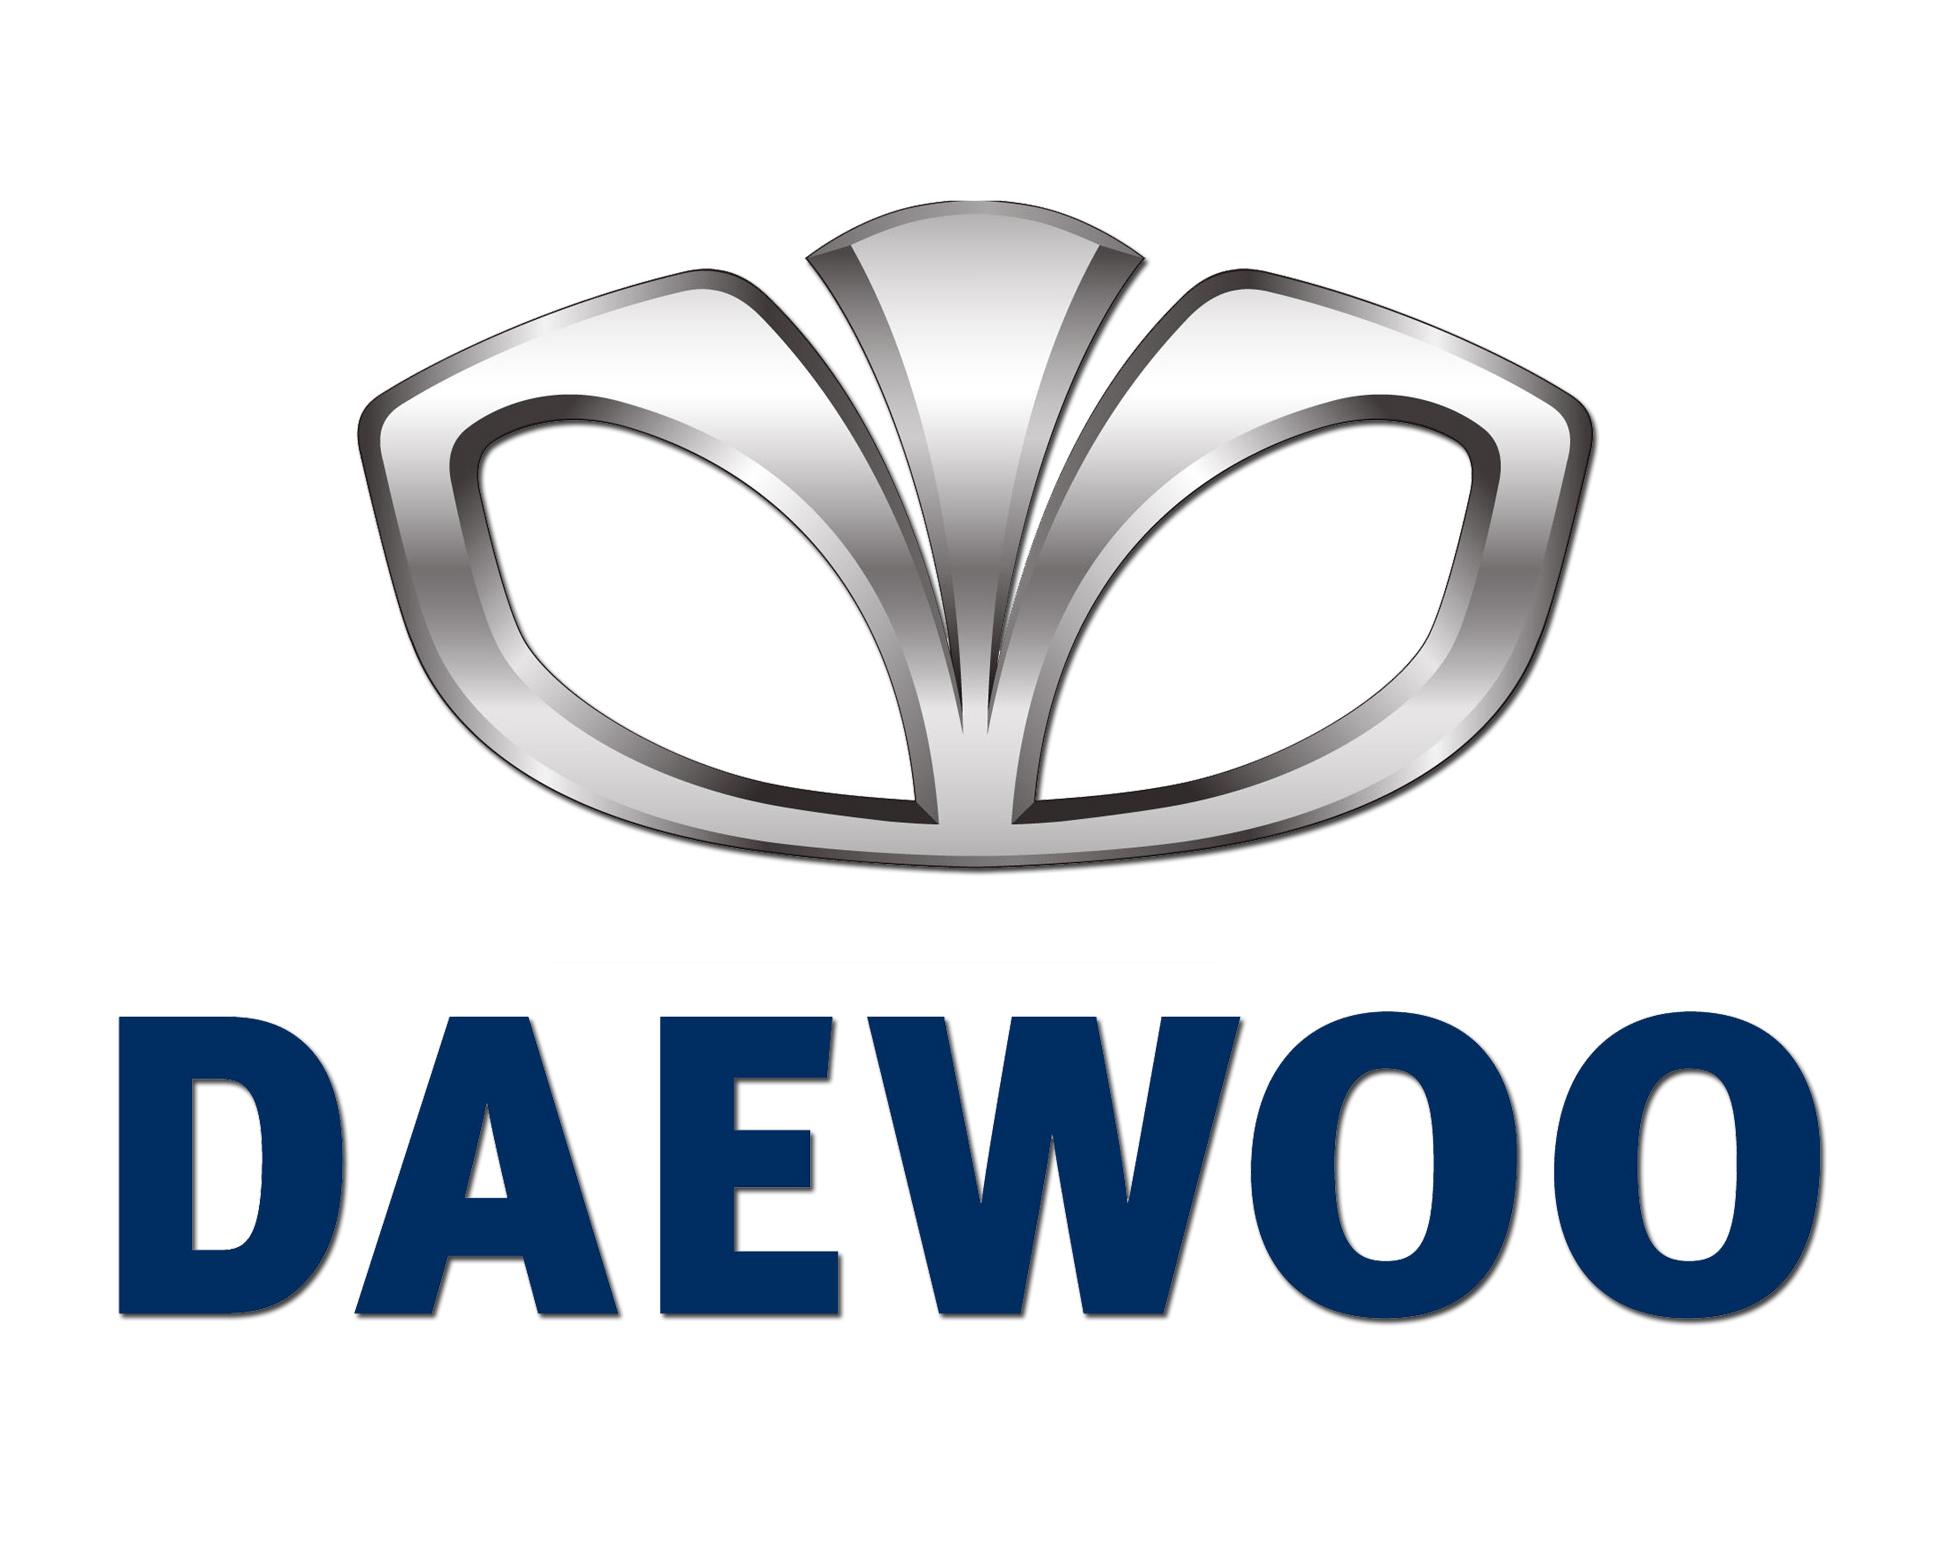 Kia Auto Parts Store Large Daewoo Car Logo - Zero To 60 Times